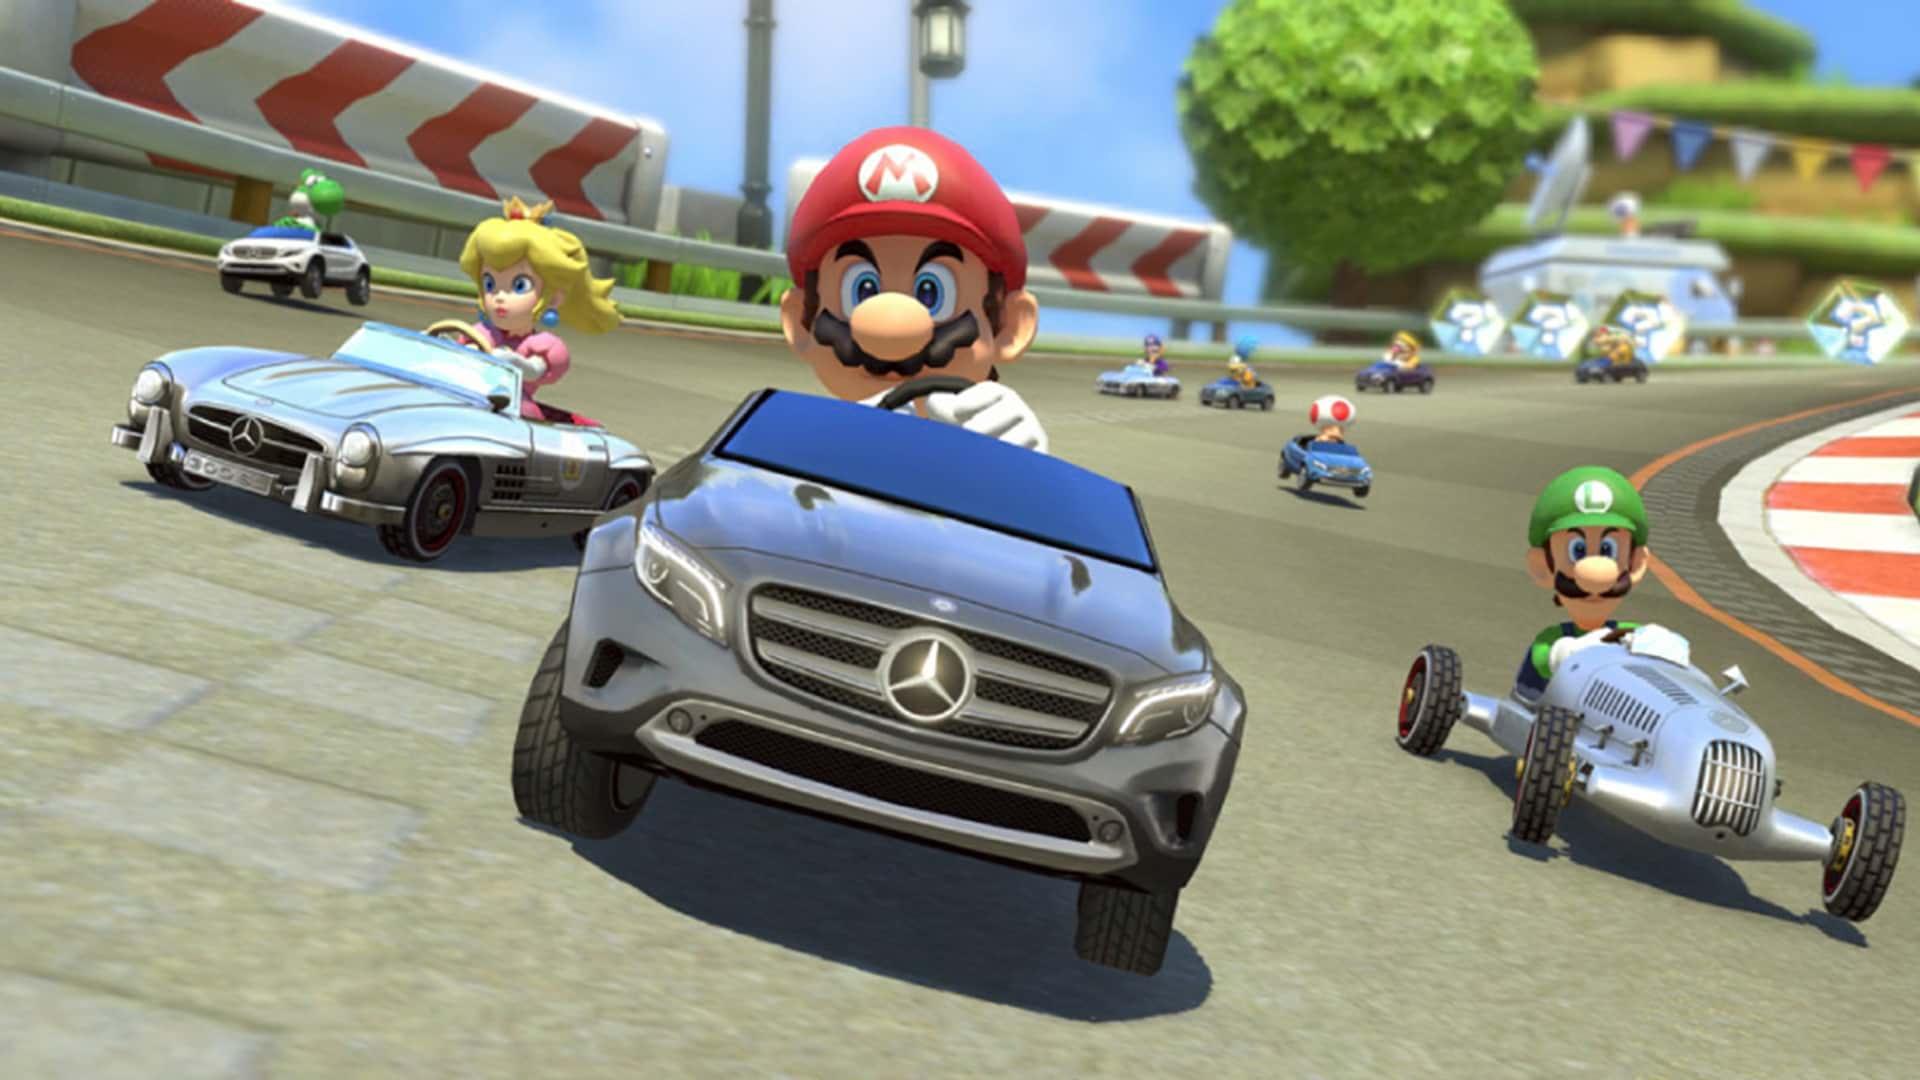 Jugar videojuegos como Mario Kart, ¡te hace un mejor conductor!